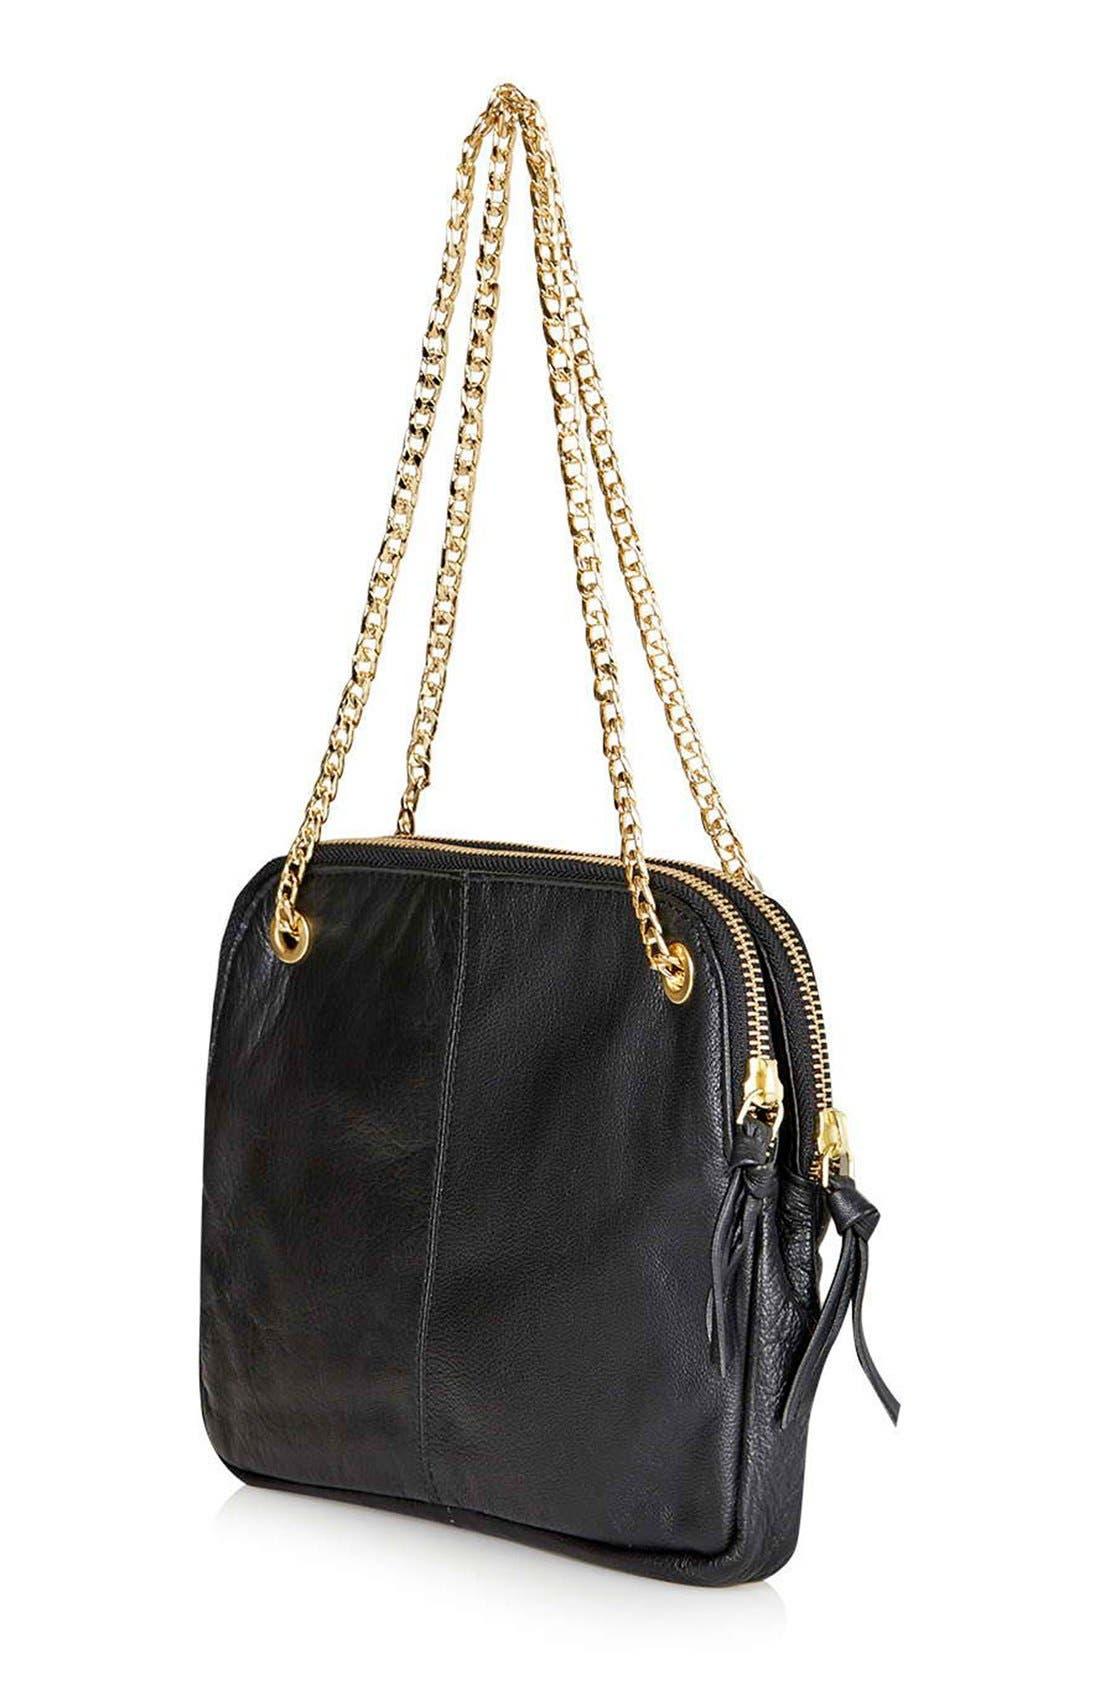 TOPSHOP, Quilted Leather Shoulder Bag, Alternate thumbnail 5, color, 001